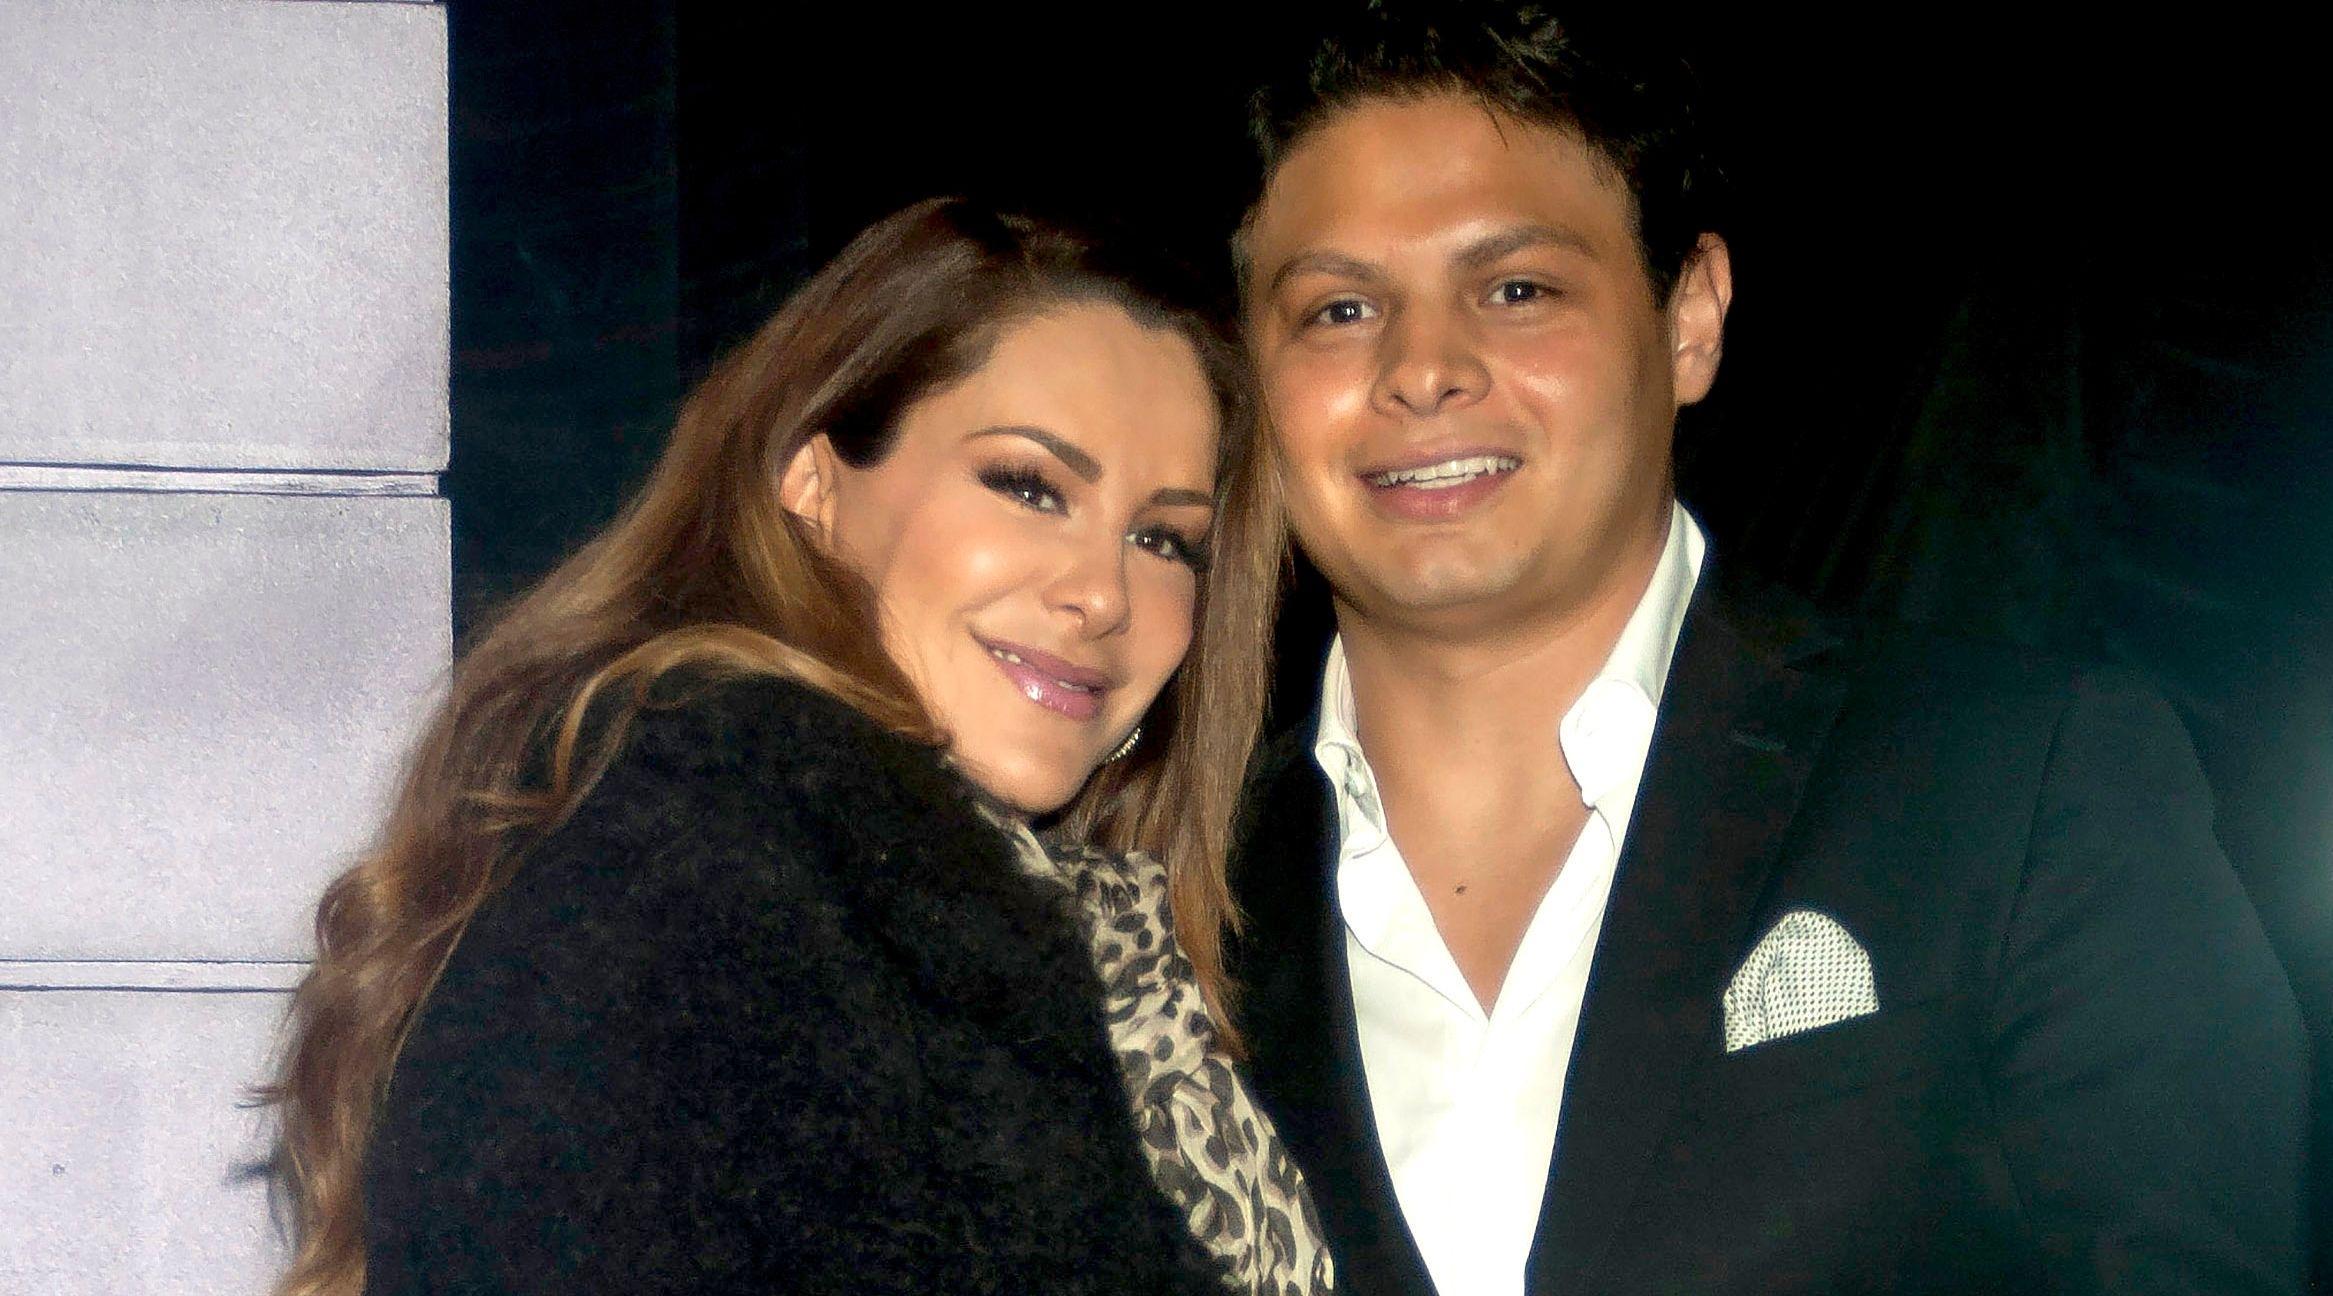 Giovanni Medina aseguró que Ninel tomaba y fumaba en el embarazo